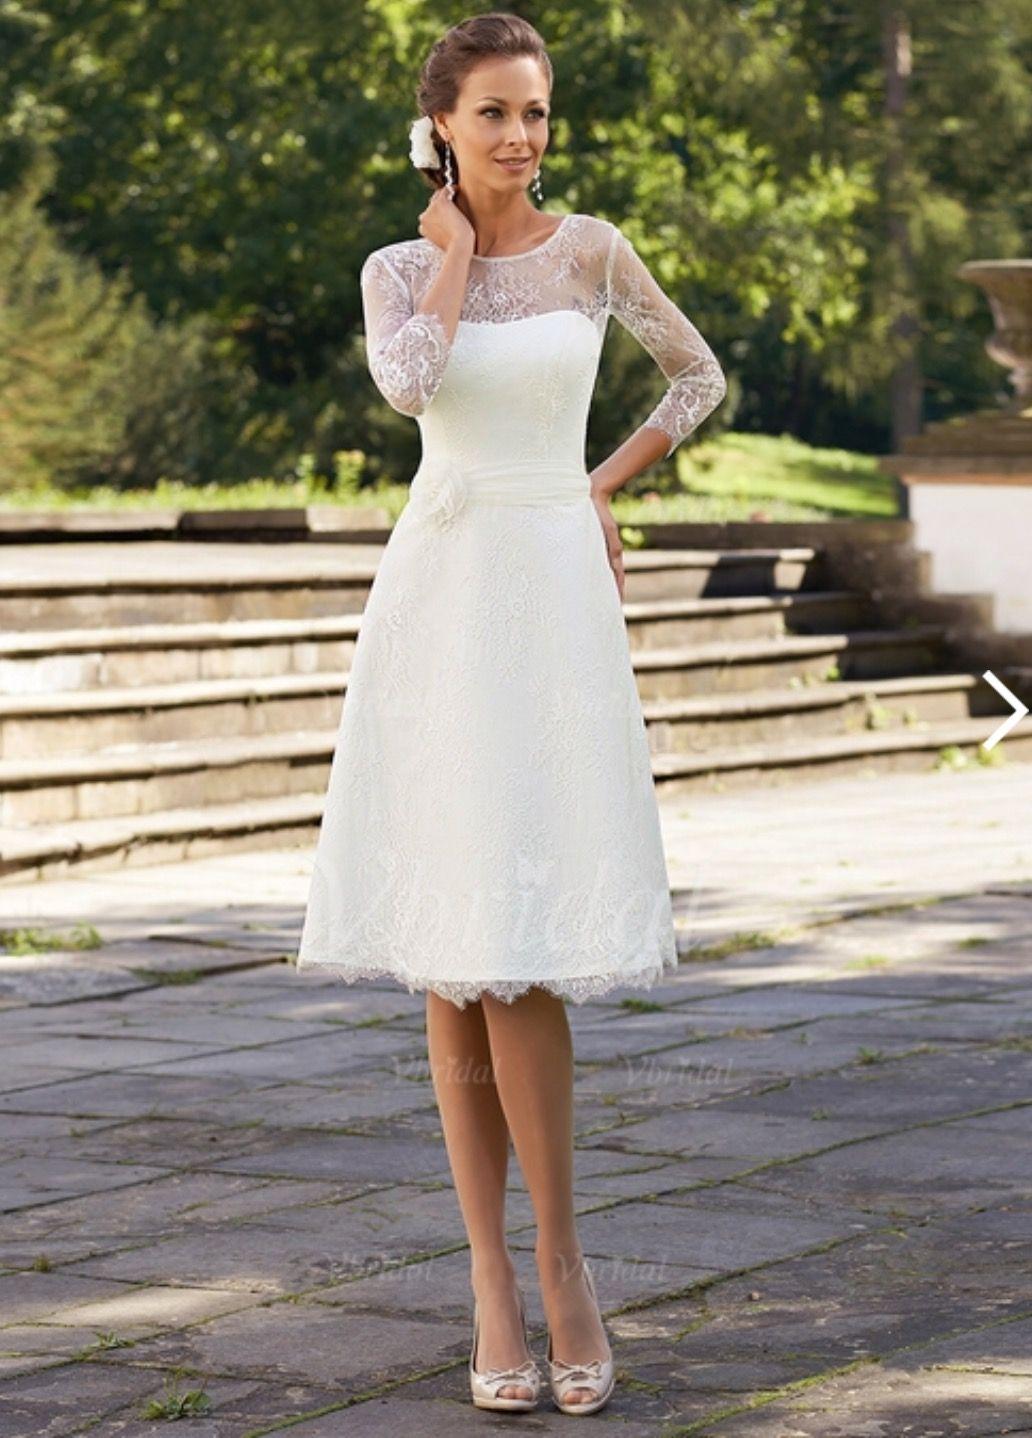 Idee von Kathi Wi auf Hochzeit | Weiße kleider kurz ...